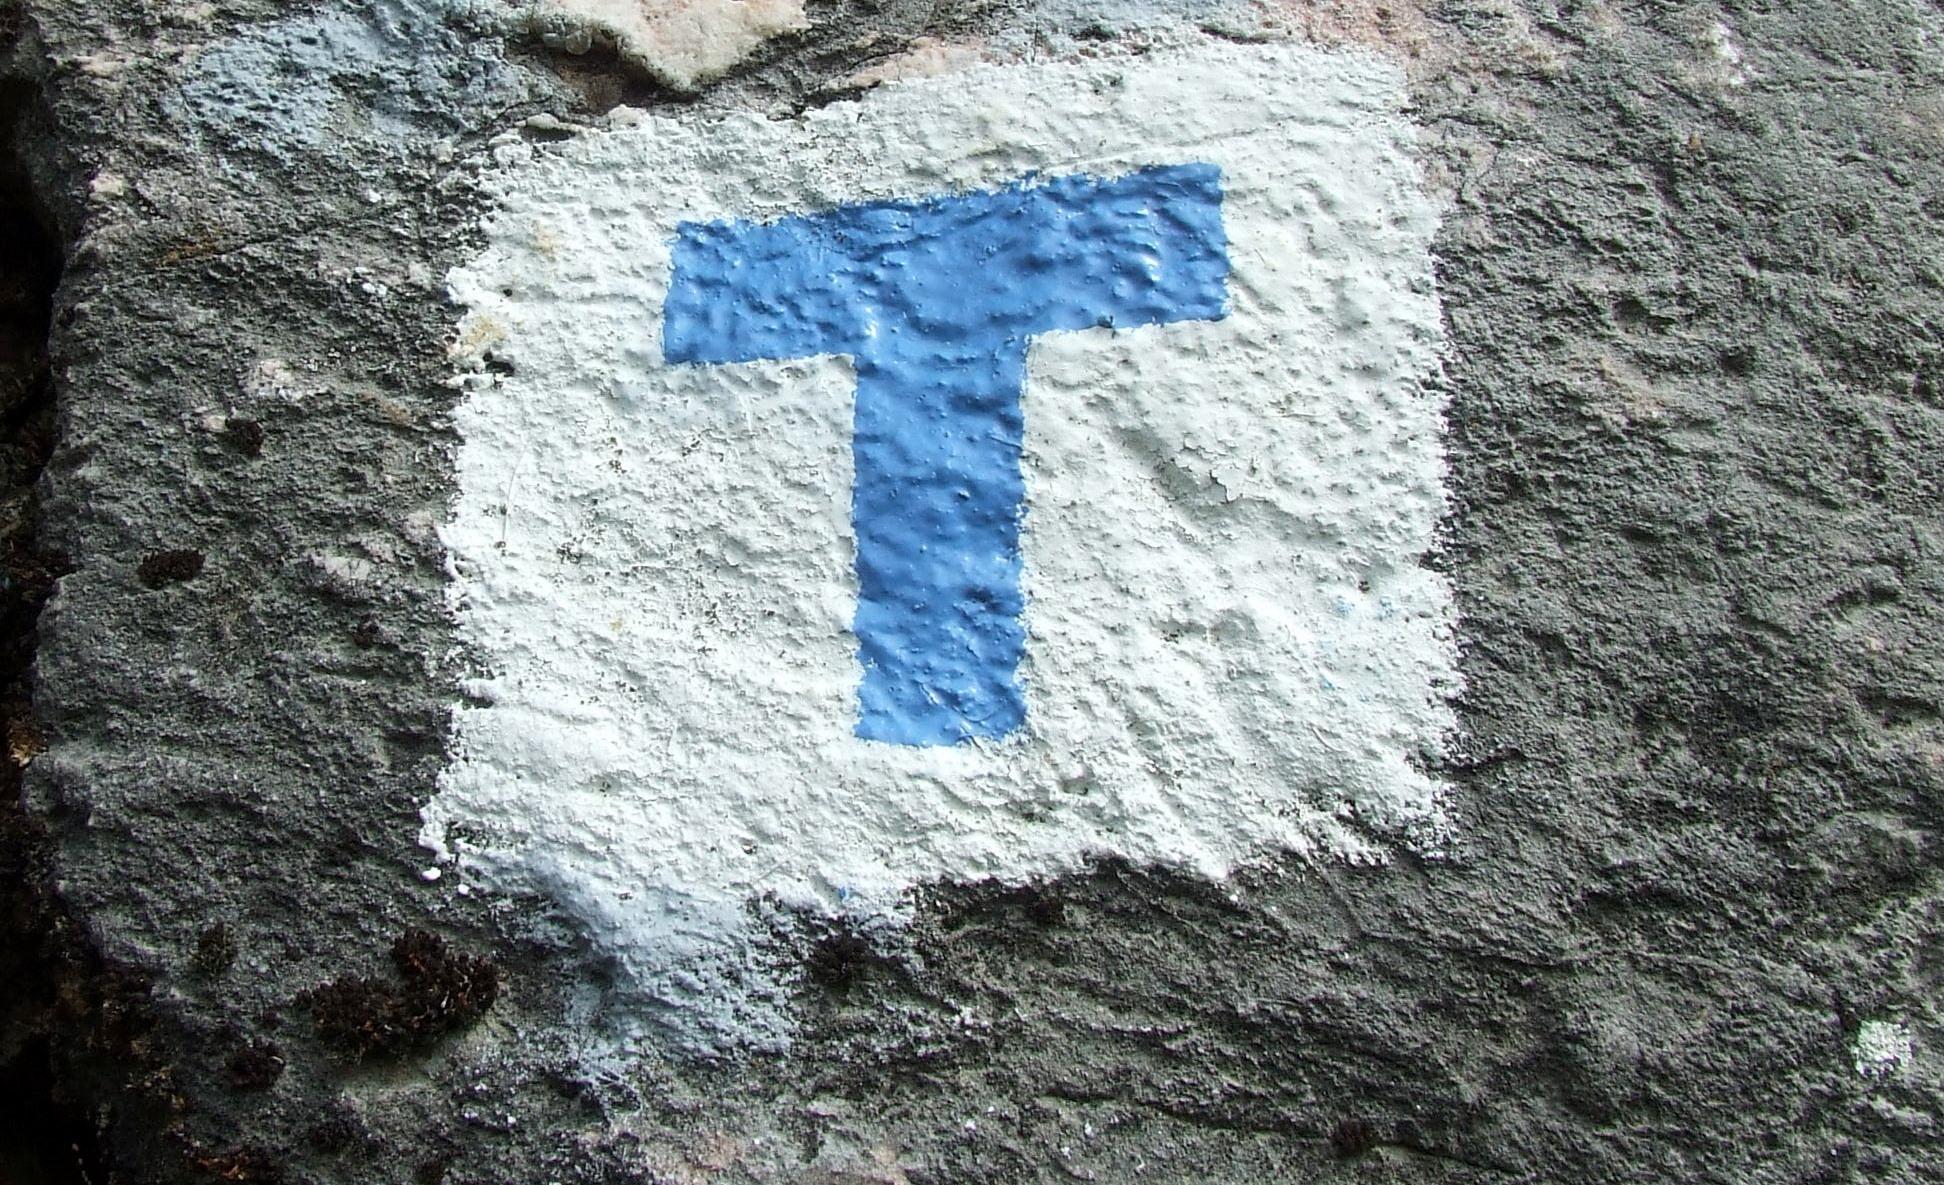 Milyen útvonalat jelölnek általában T betűvel?